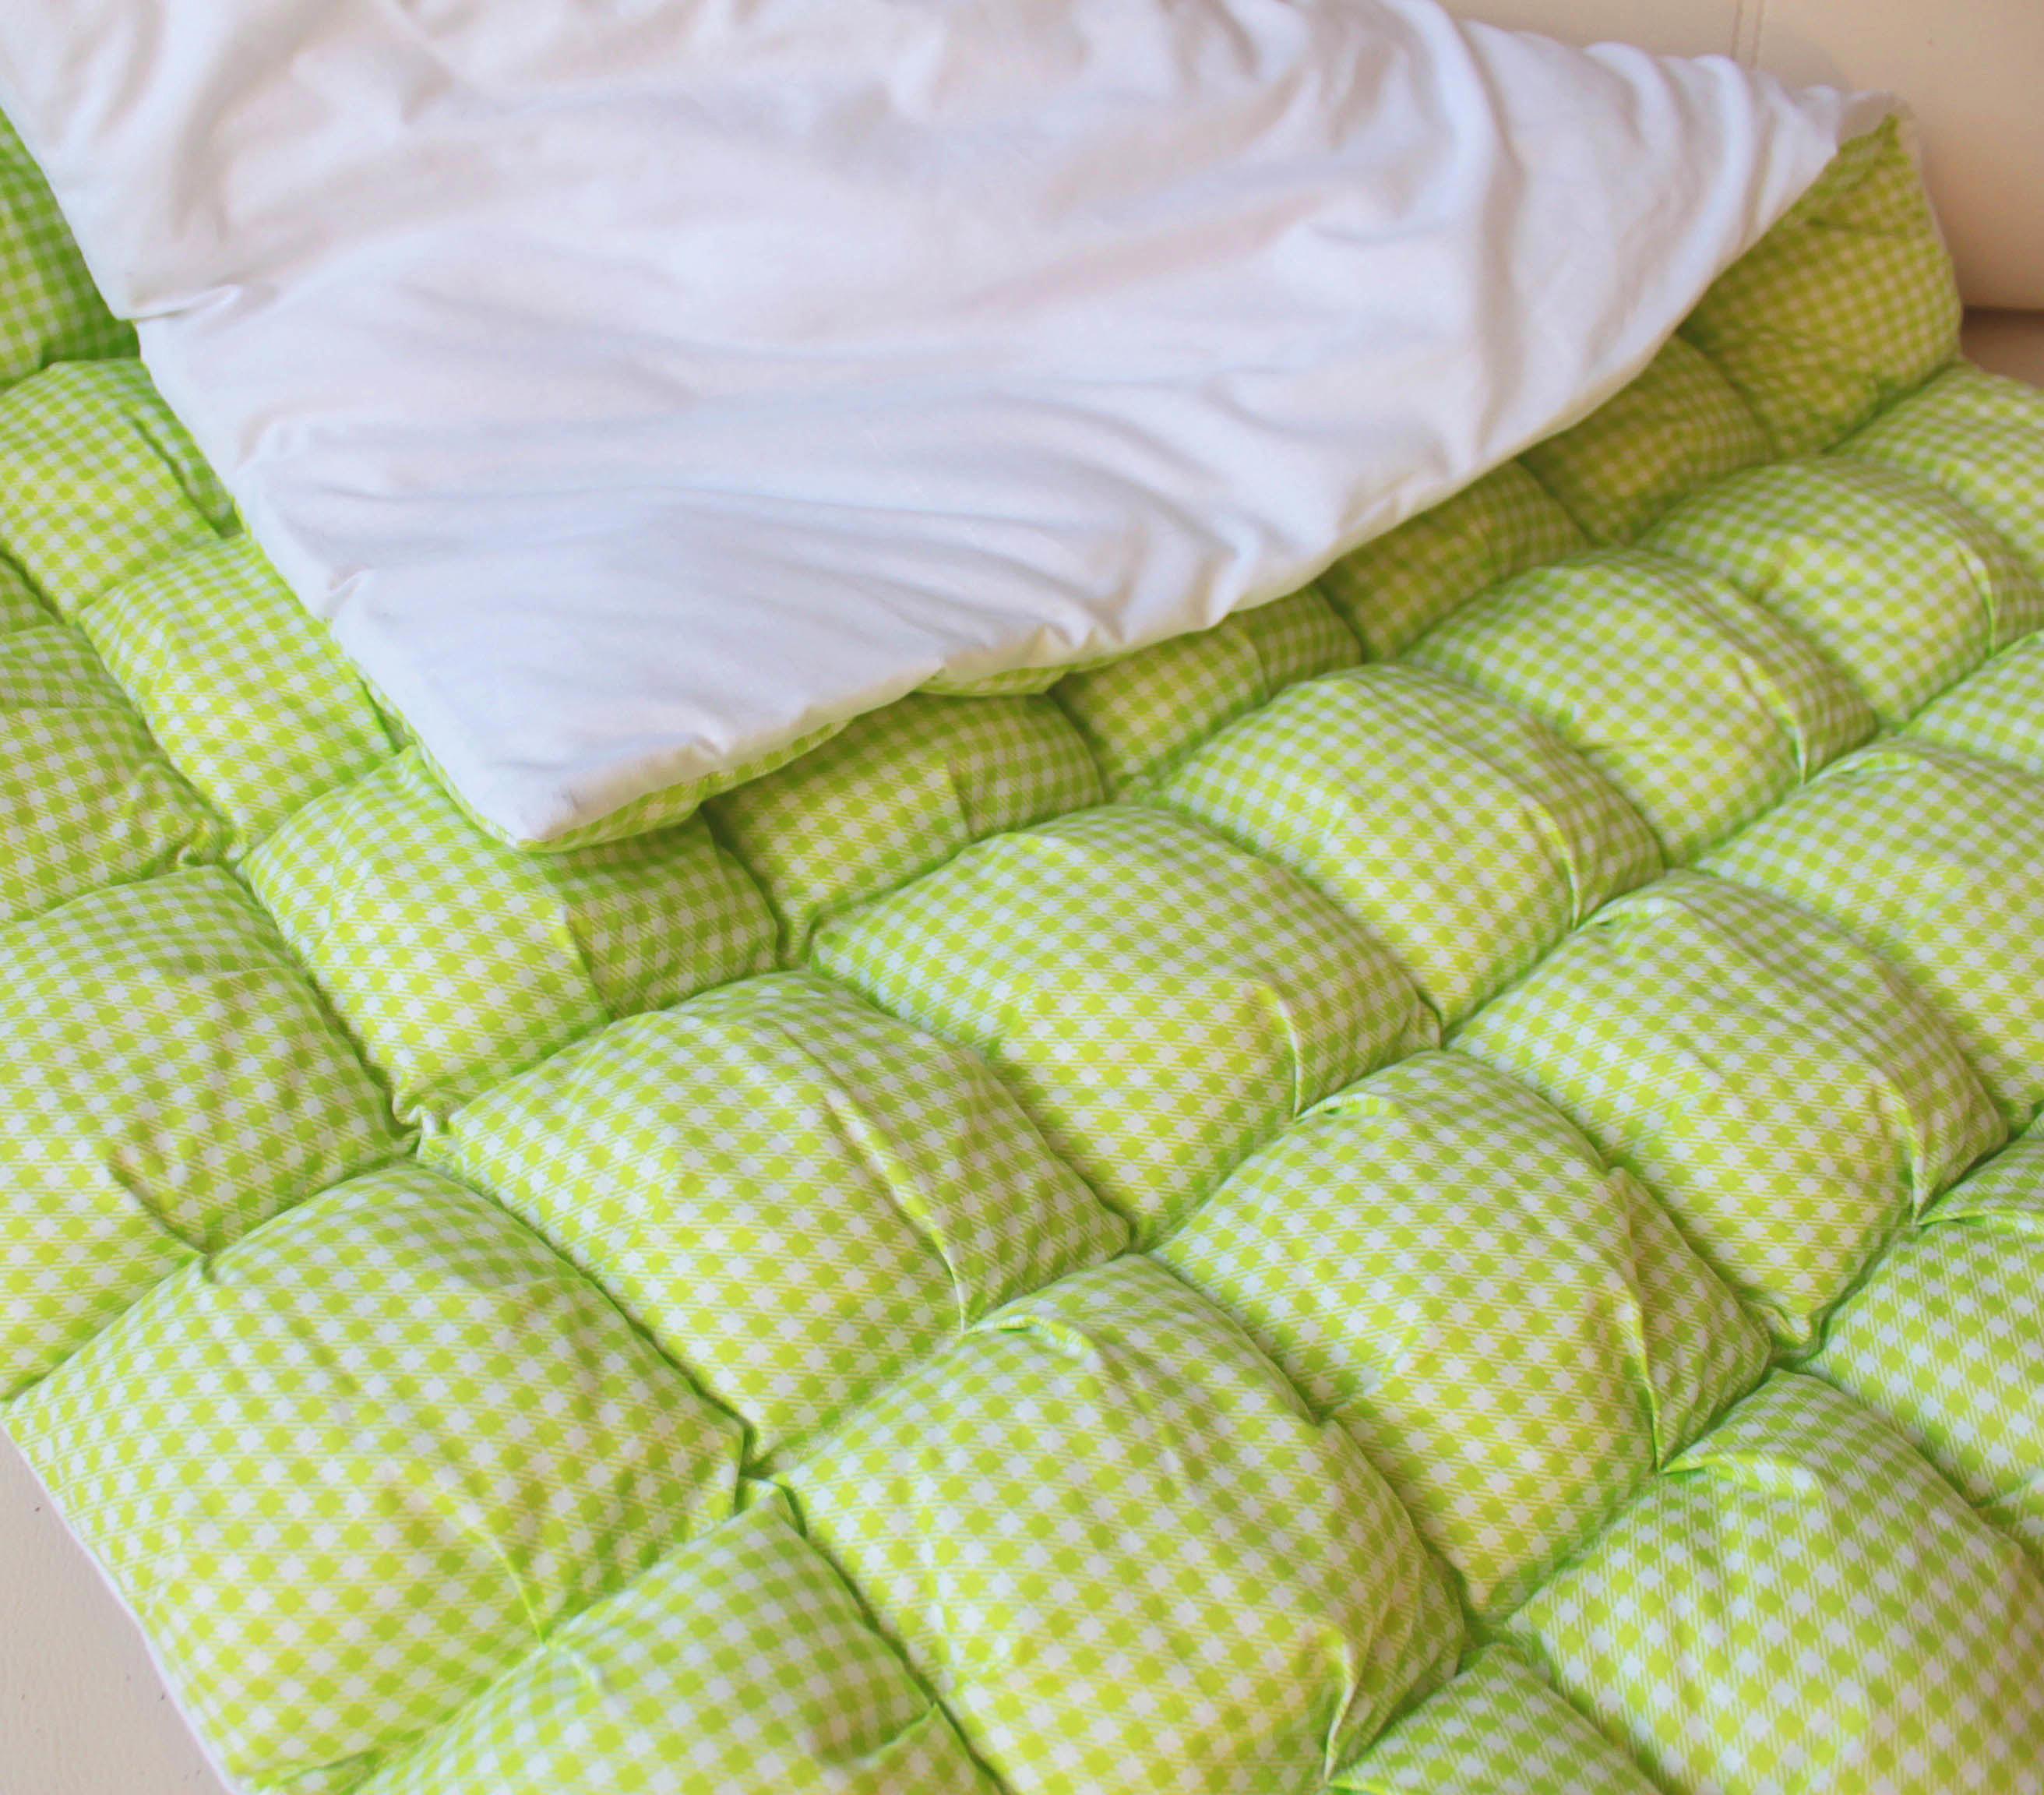 Как сшить одеяло своими руками мастер класс 40